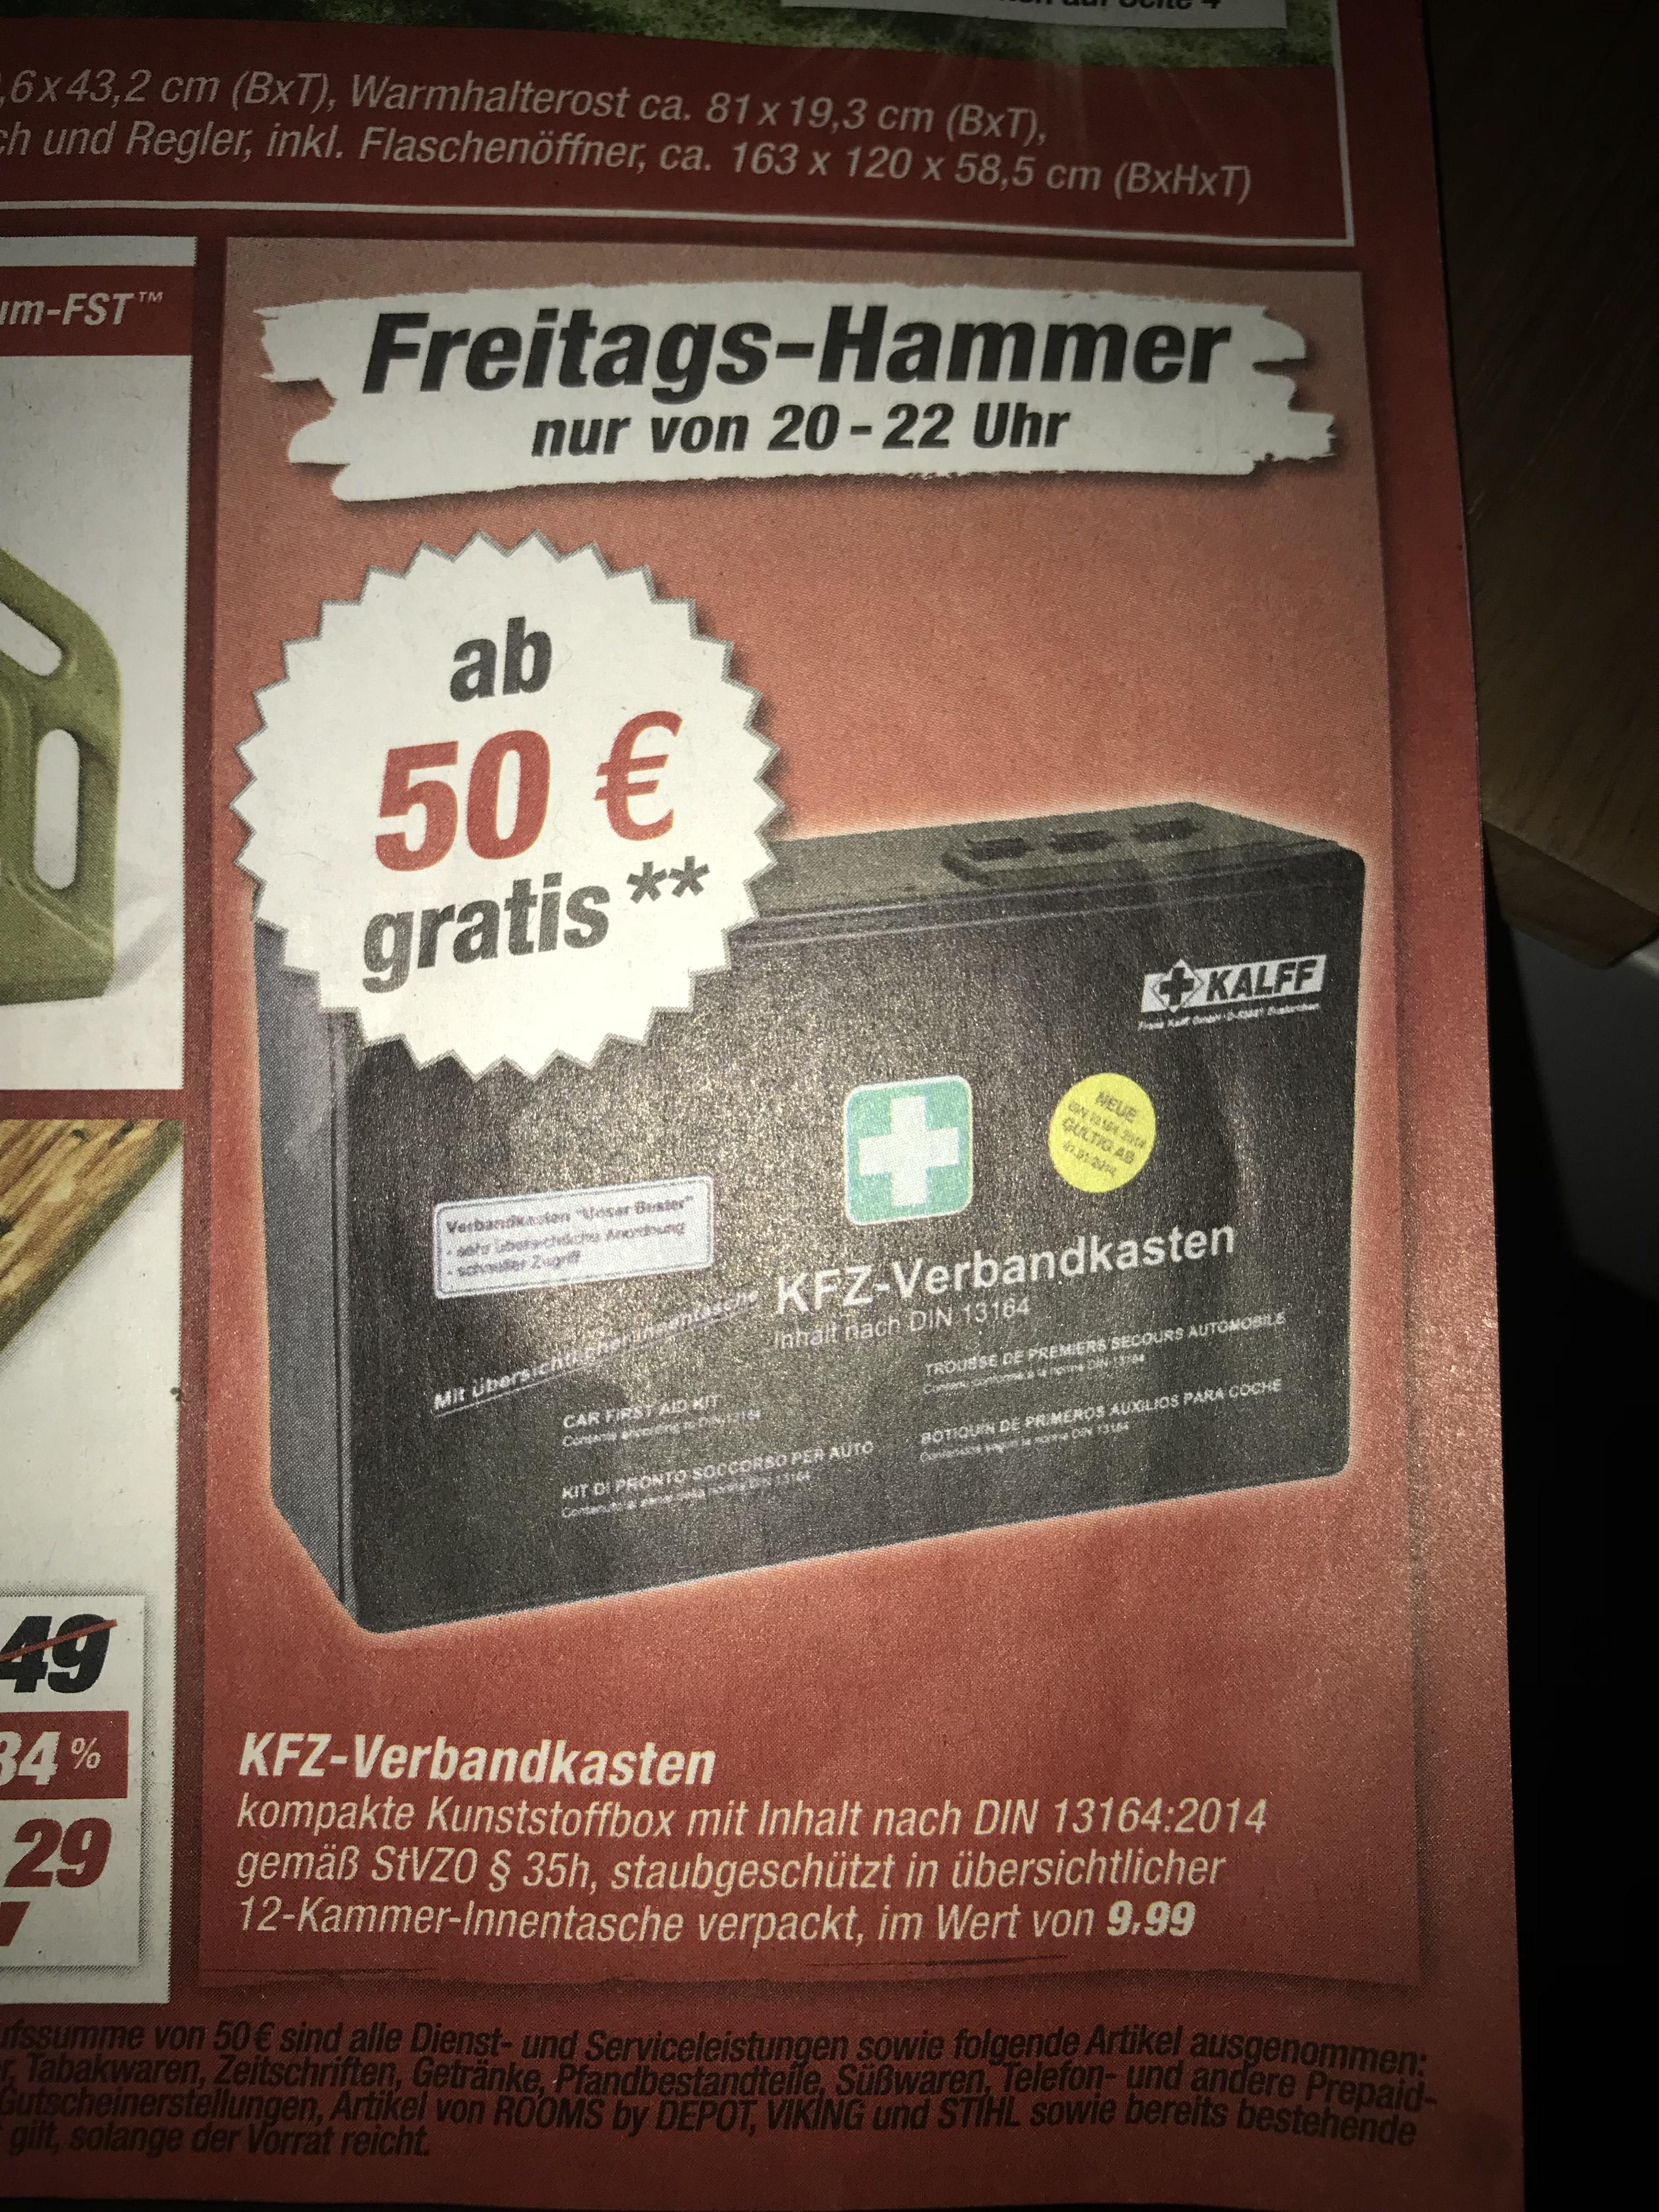 [Toom] Verbandkasten für das Auto bei einem Einkauf von mindestens 50€ gratis